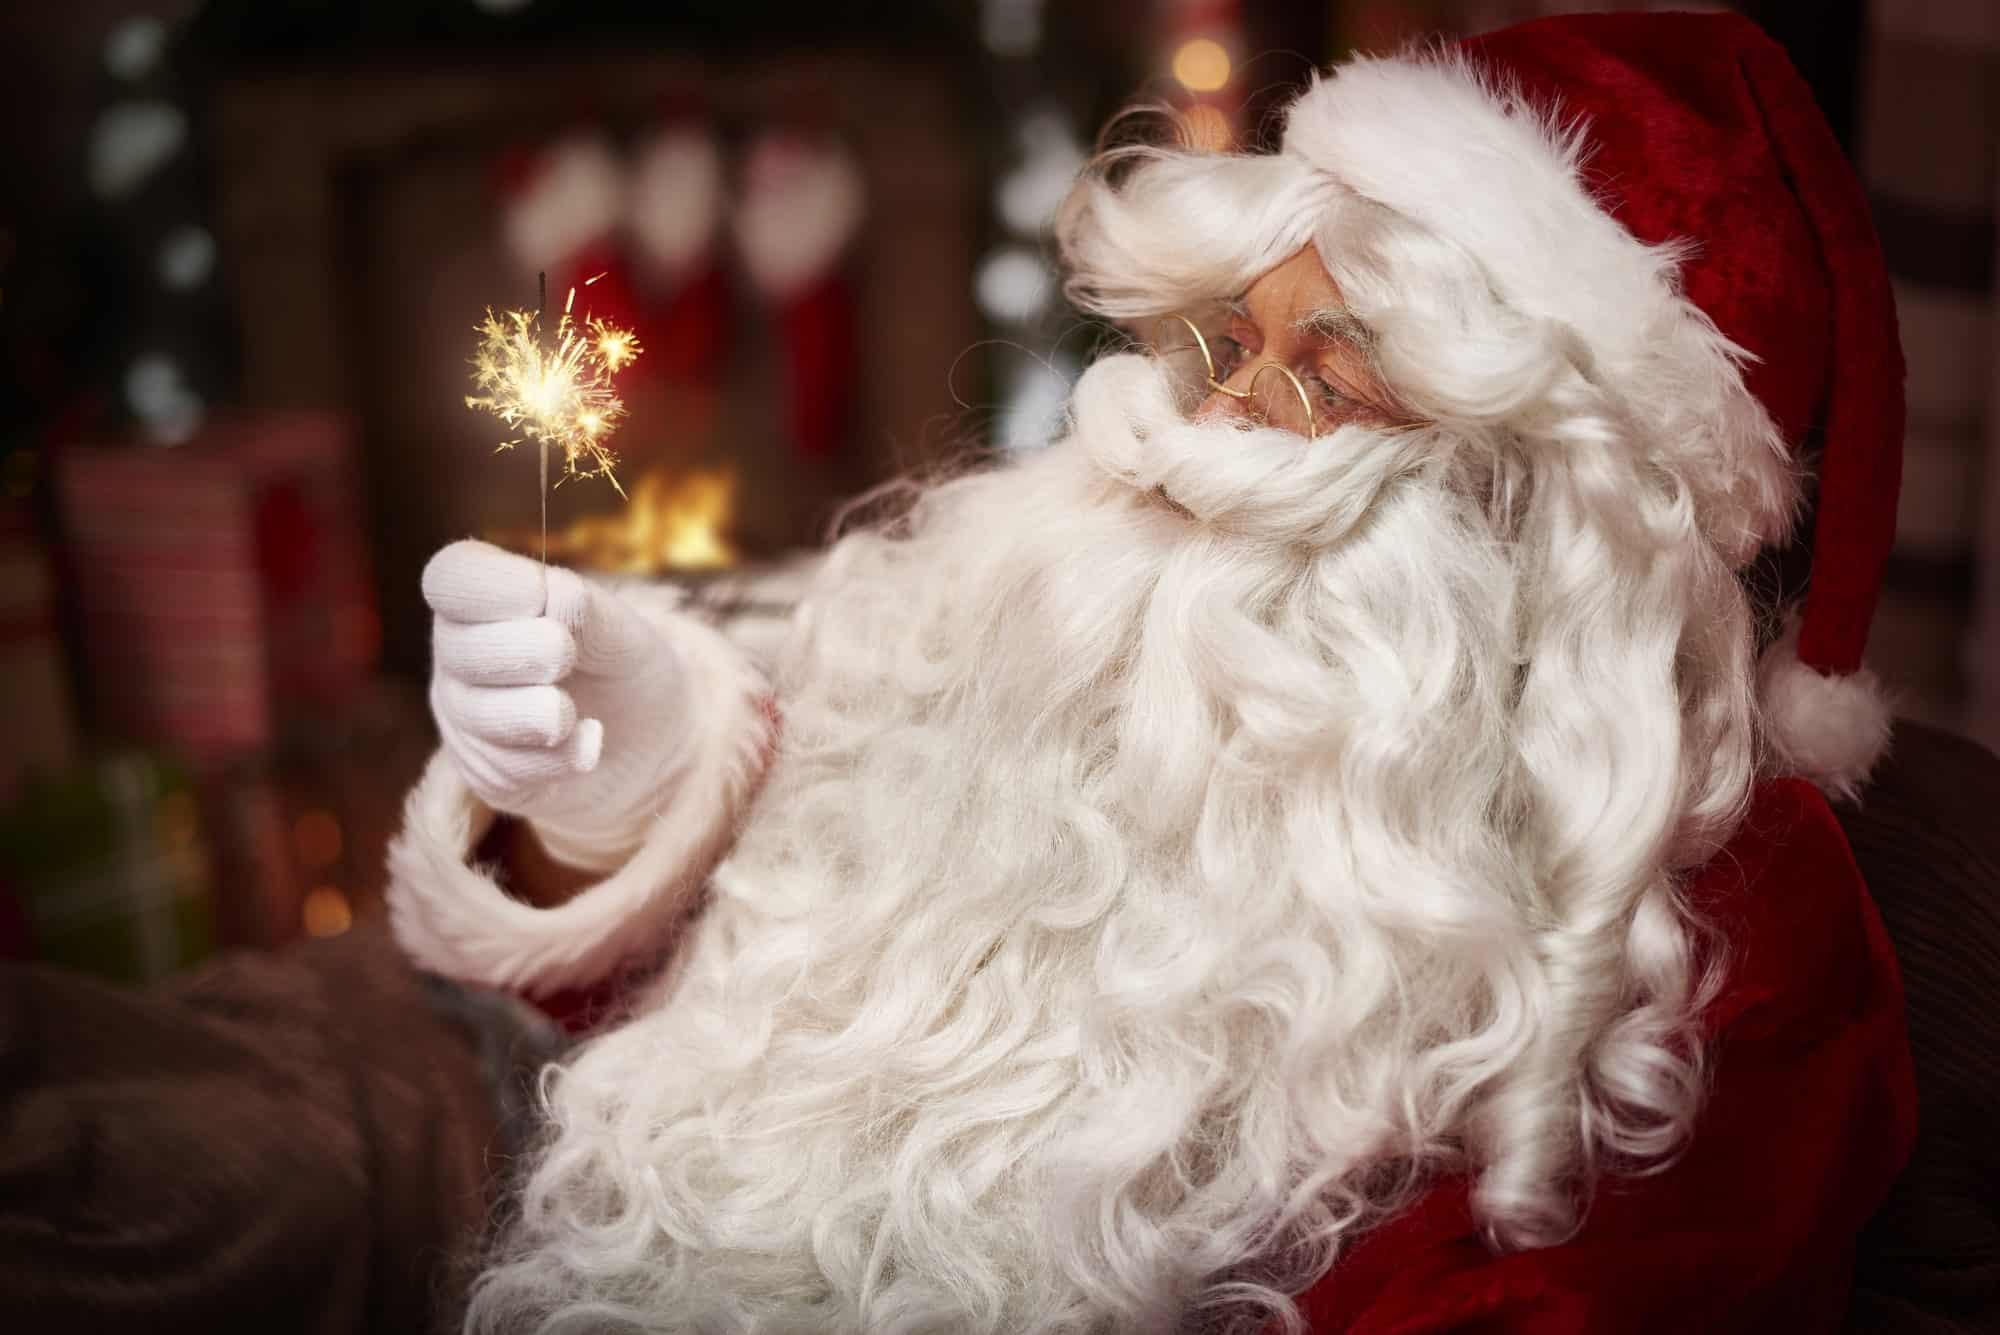 Frohe Weihnachten vom Brauhaus Meier